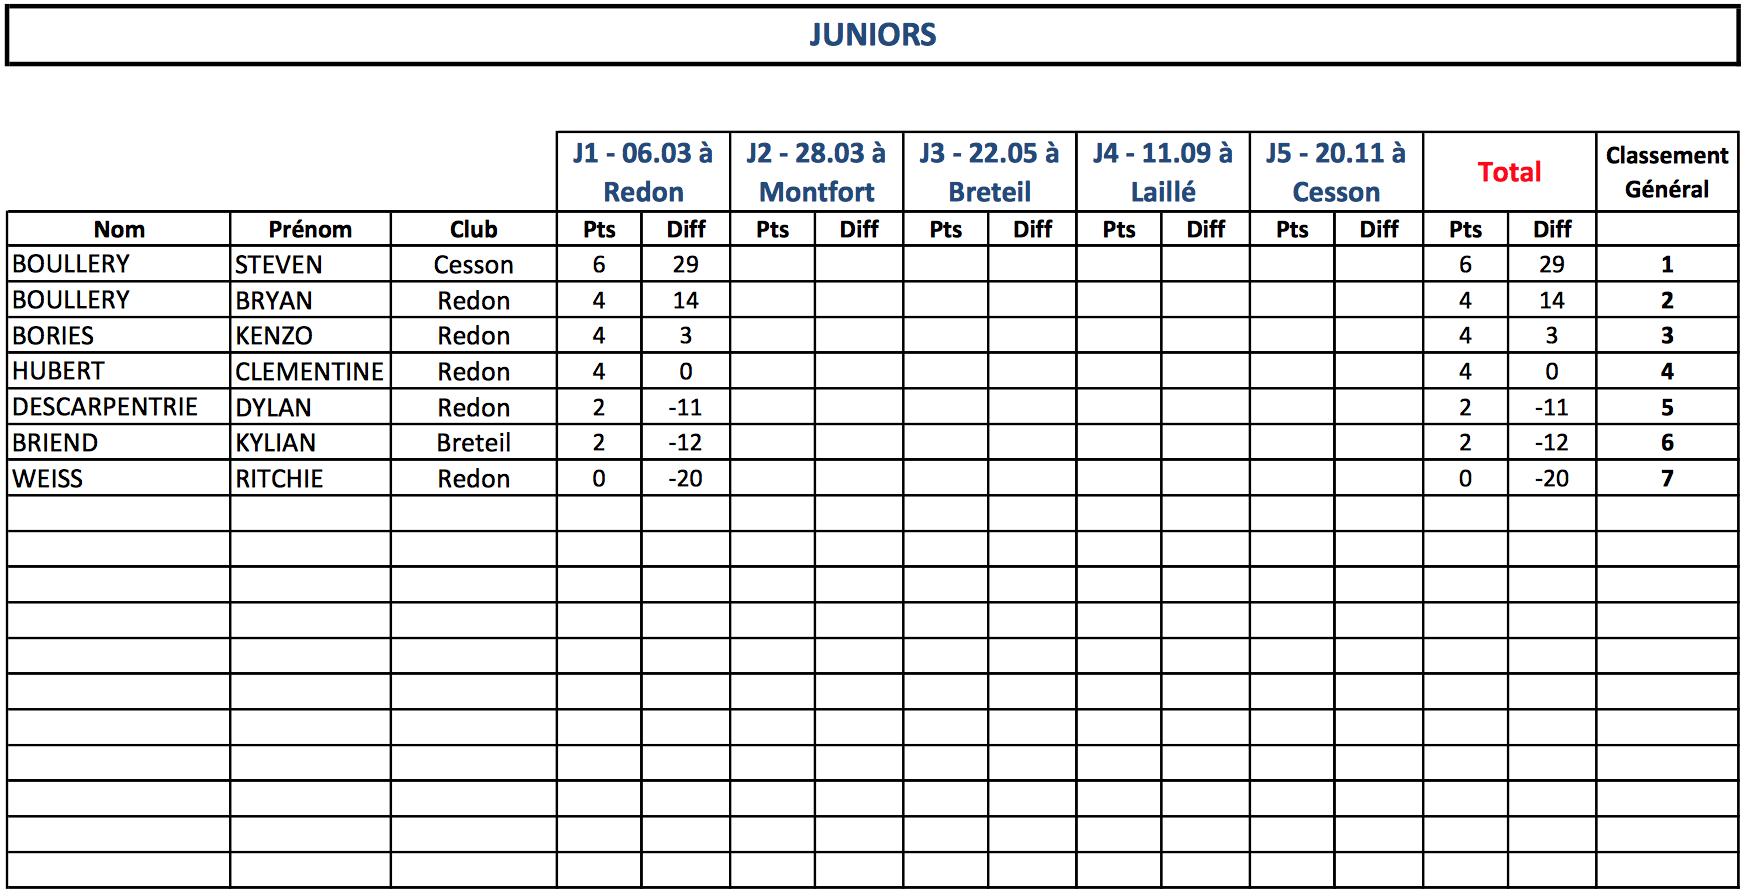 Classement Juniors